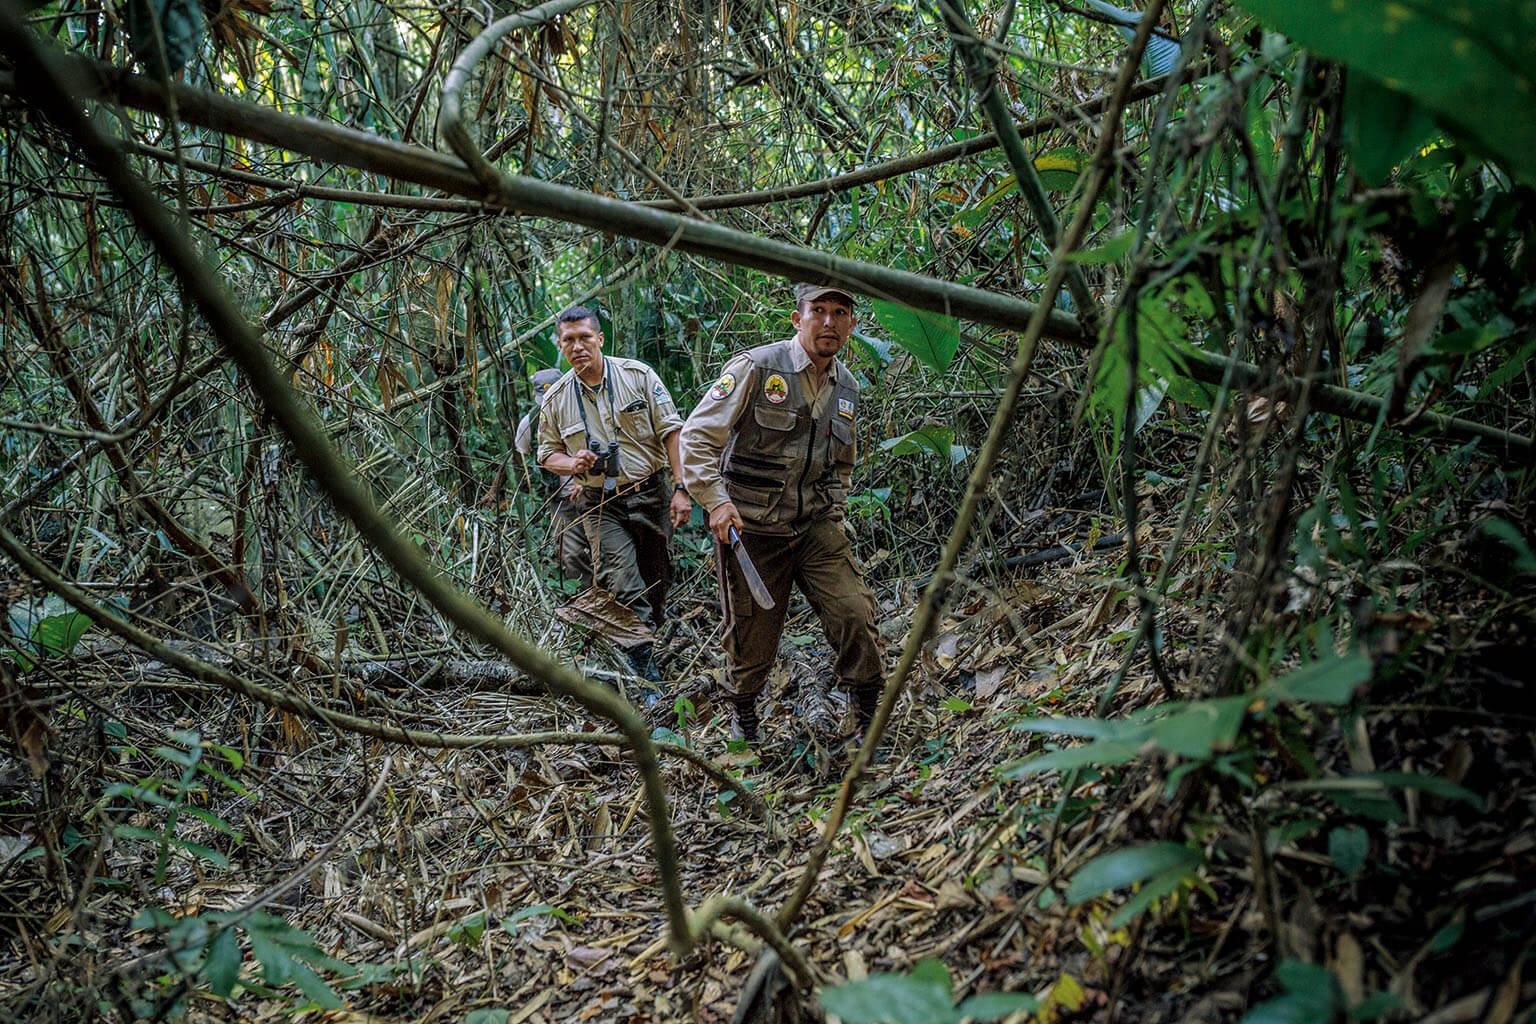 玻利維亞的馬迪迪國家公園是數百隻美洲豹的家園。國家公園處長馬可斯.烏茲奎亞諾(左)和他的管理員發現,中國買家對於收購美洲豹牙齒的興趣愈來愈高,因為這些牙齒可以賣到他們國家的黑市去。  攝影:克里斯欽.羅德里奎茲 CHRISTIAN RODRIGUEZ